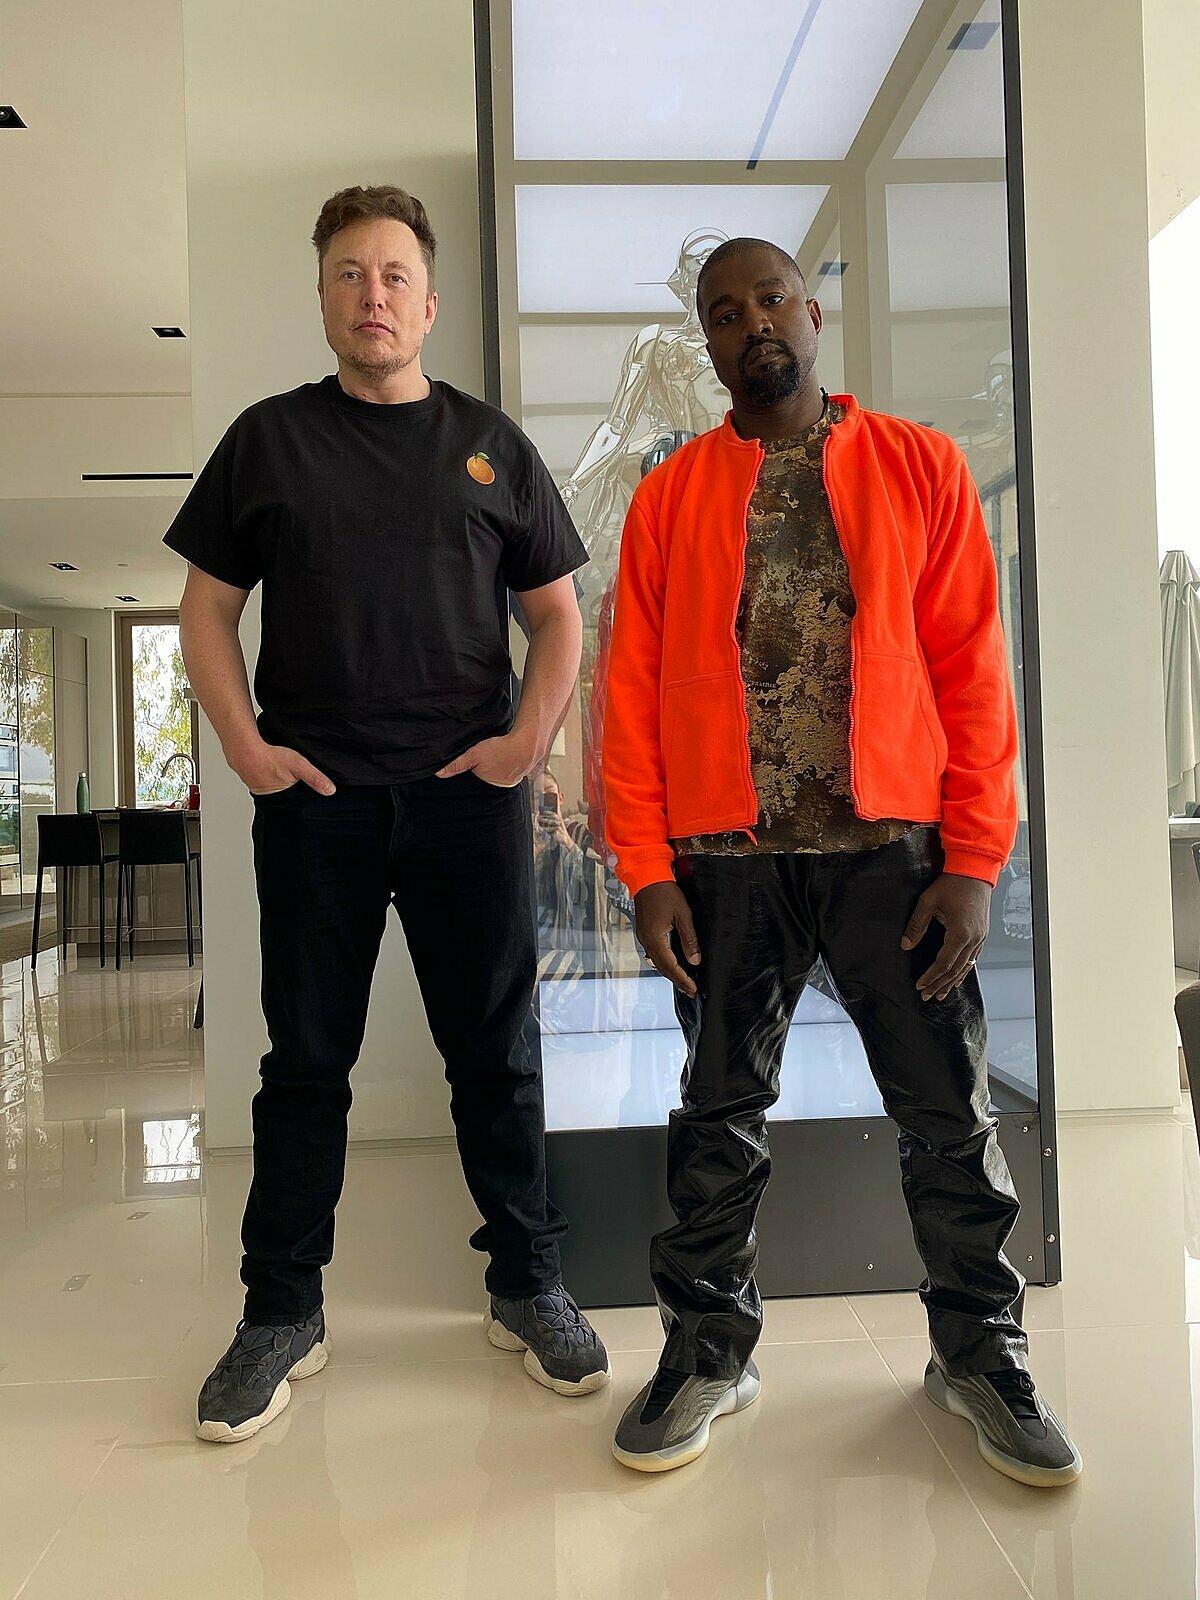 Tỷ phú Elon Musk và rapper Kanye West là bạn bè thân thiết từ nhiều năm trước. Ảnh: Ye.